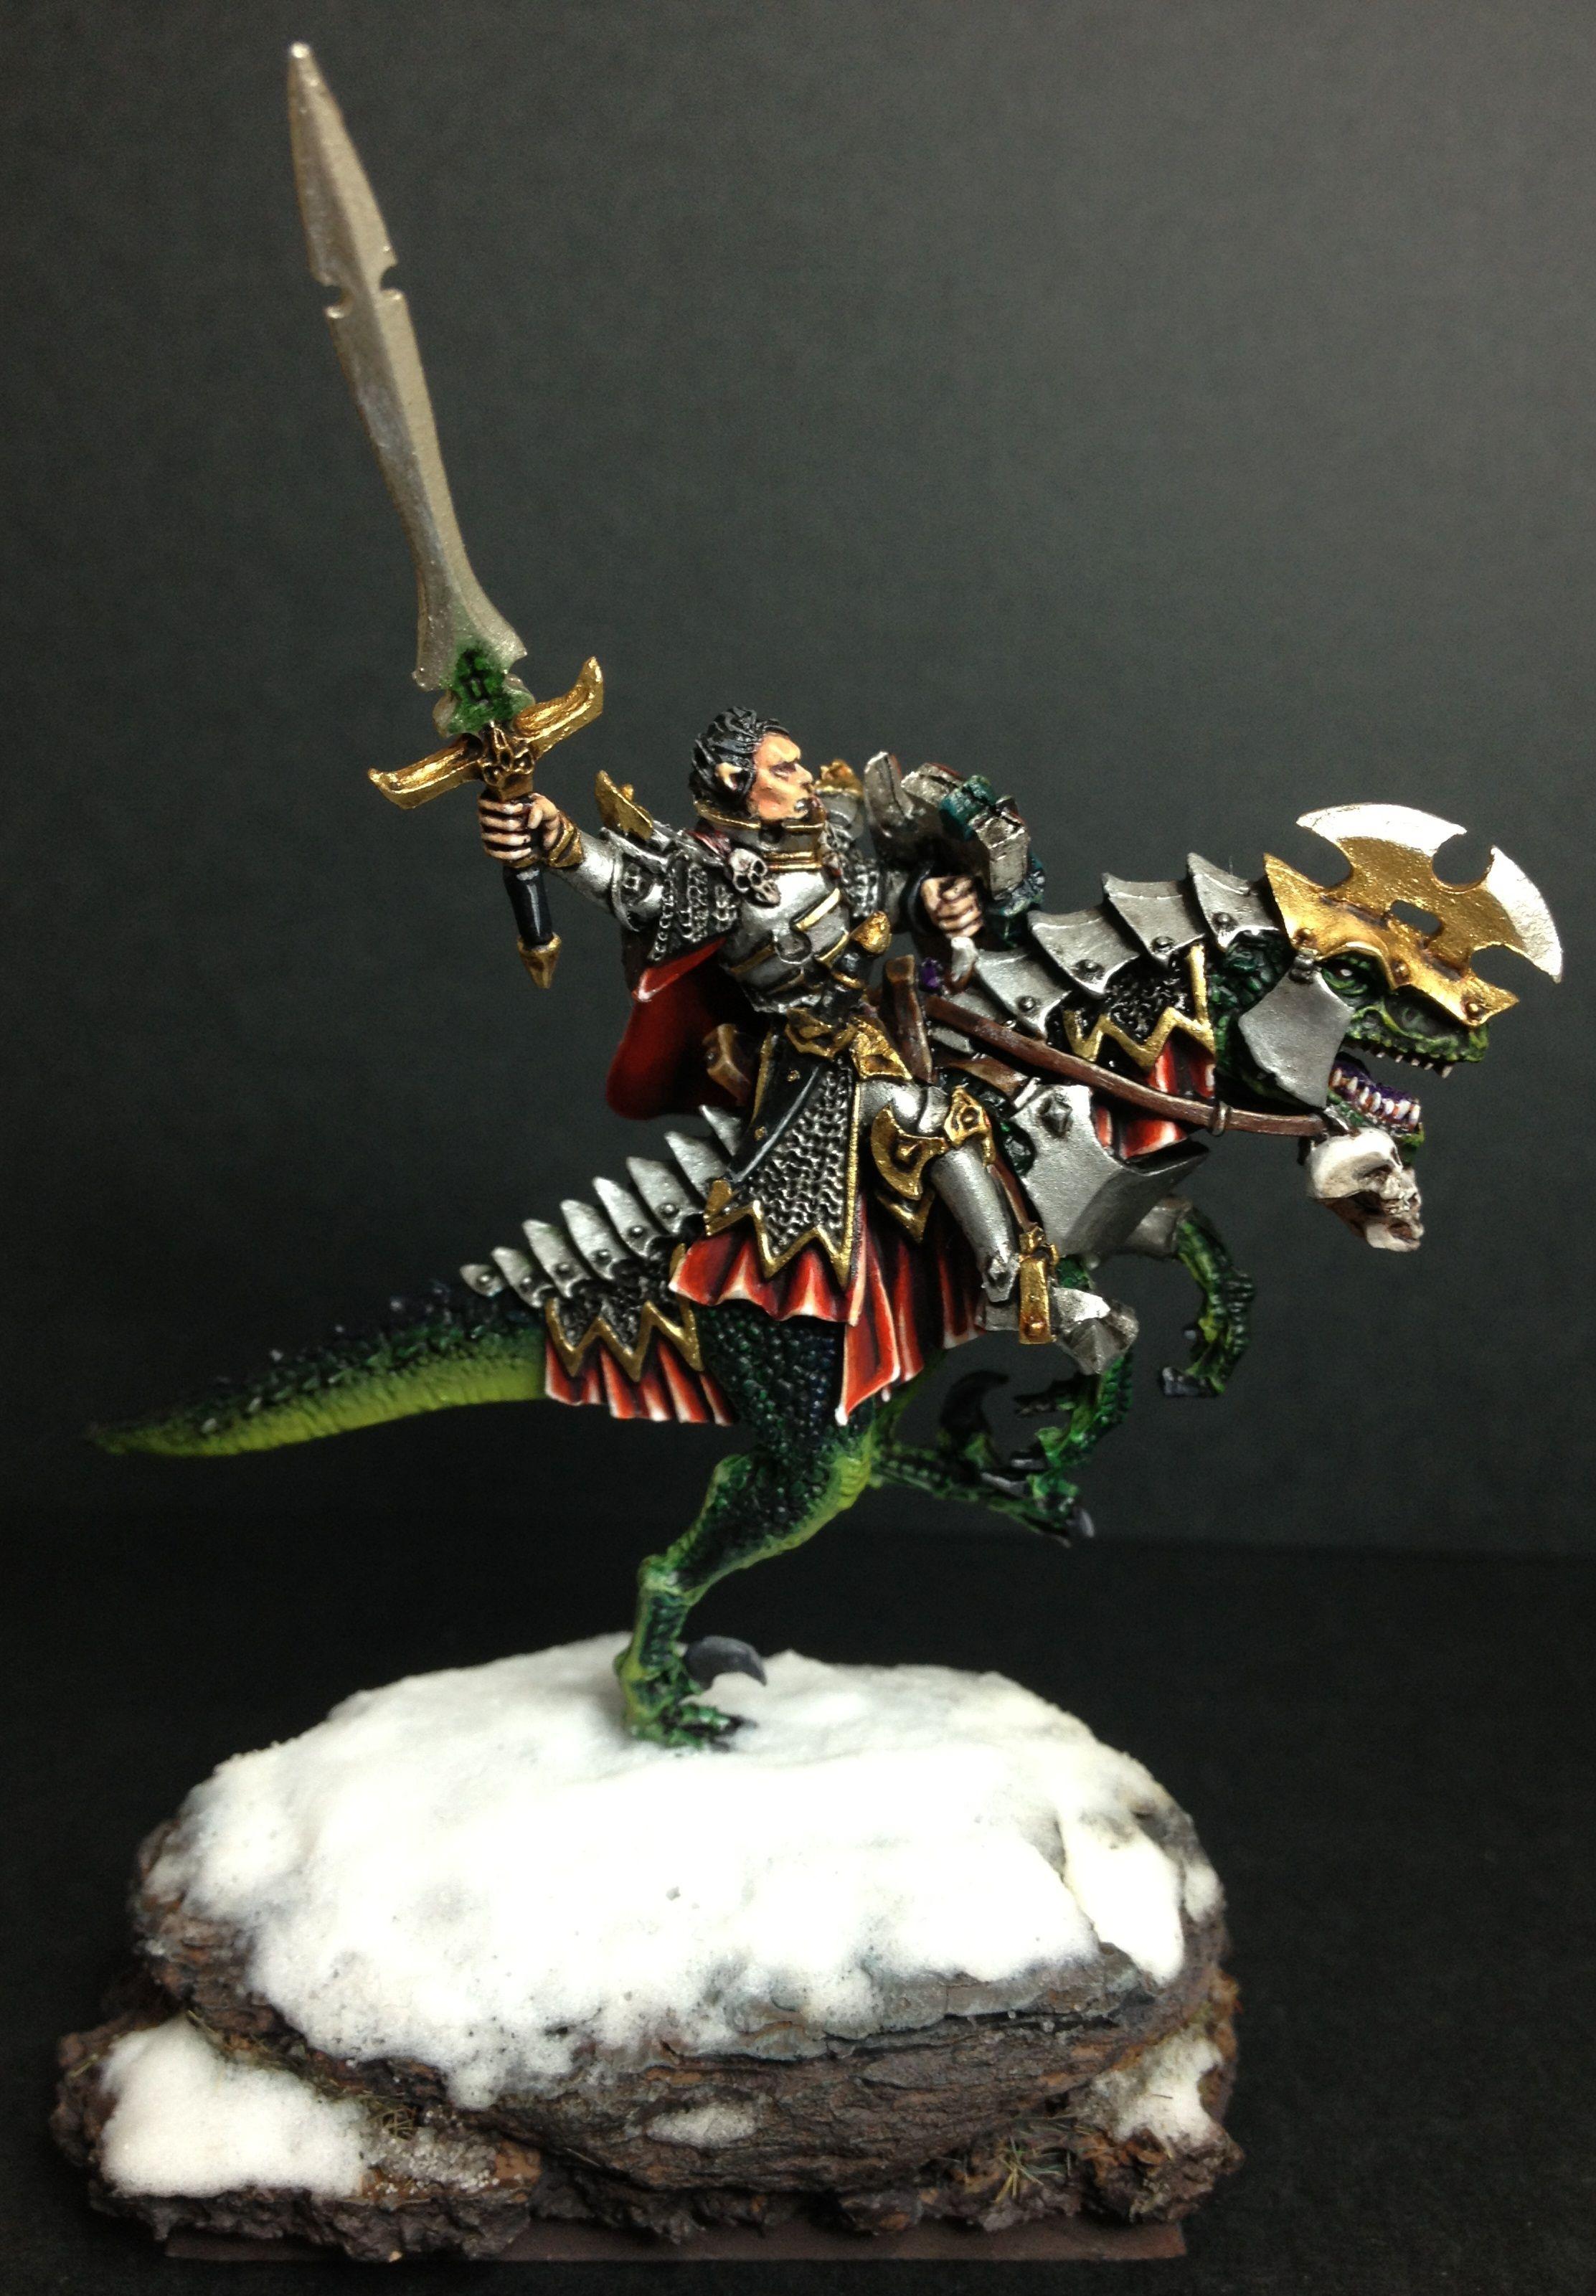 Warhammer Fantasy Príncipe Elfo Oscuro sobre gélido